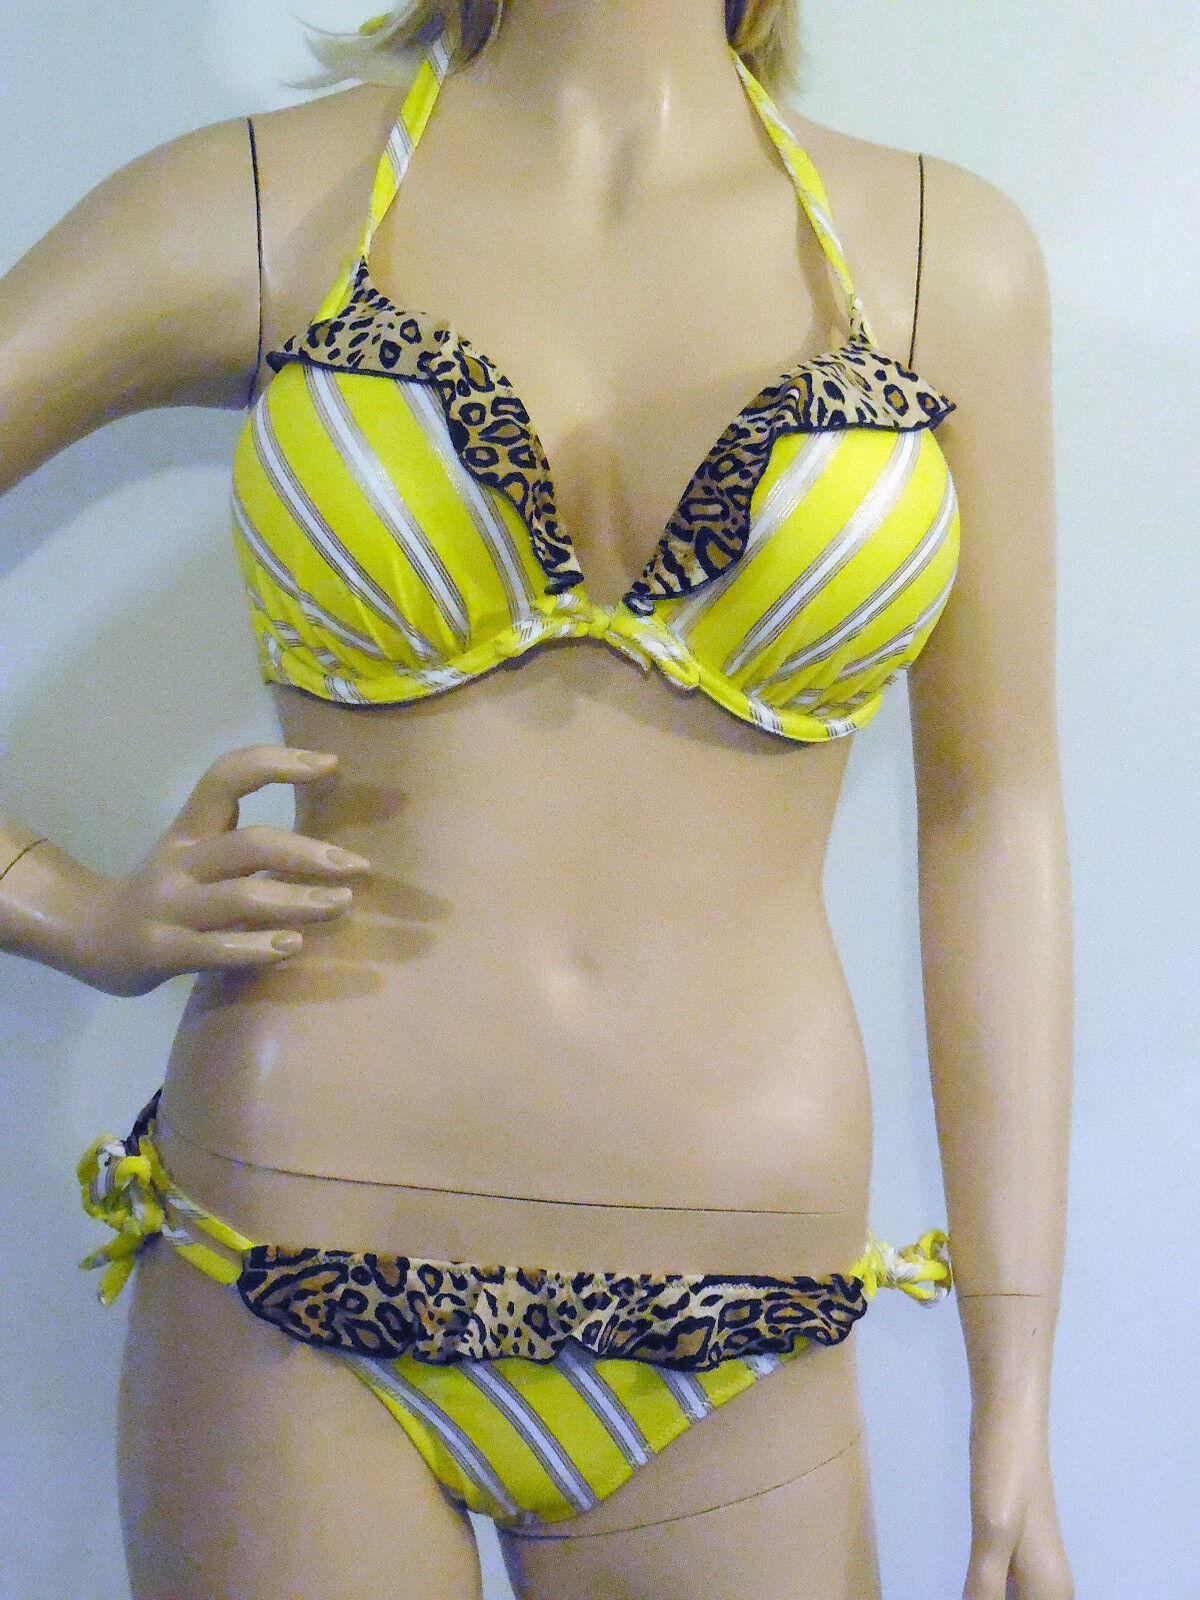 NEW VICTORIA'S SECRET BIKINI Yellow stripe foil 34D & Small